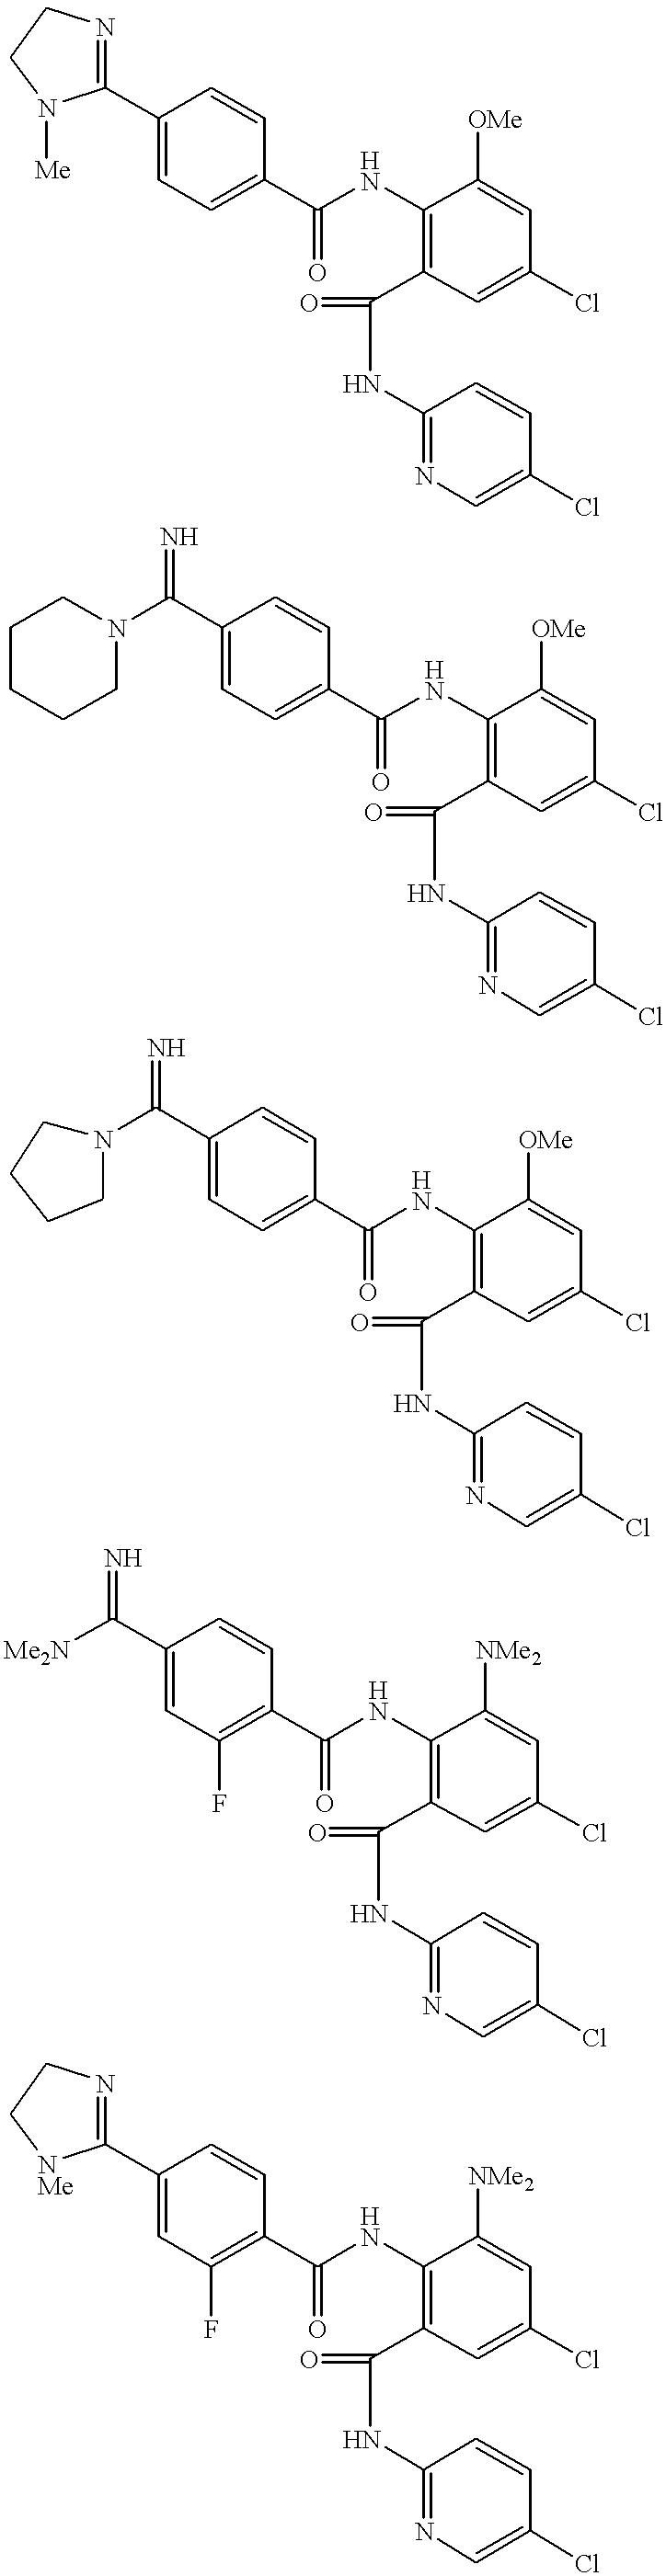 Figure US06376515-20020423-C00223